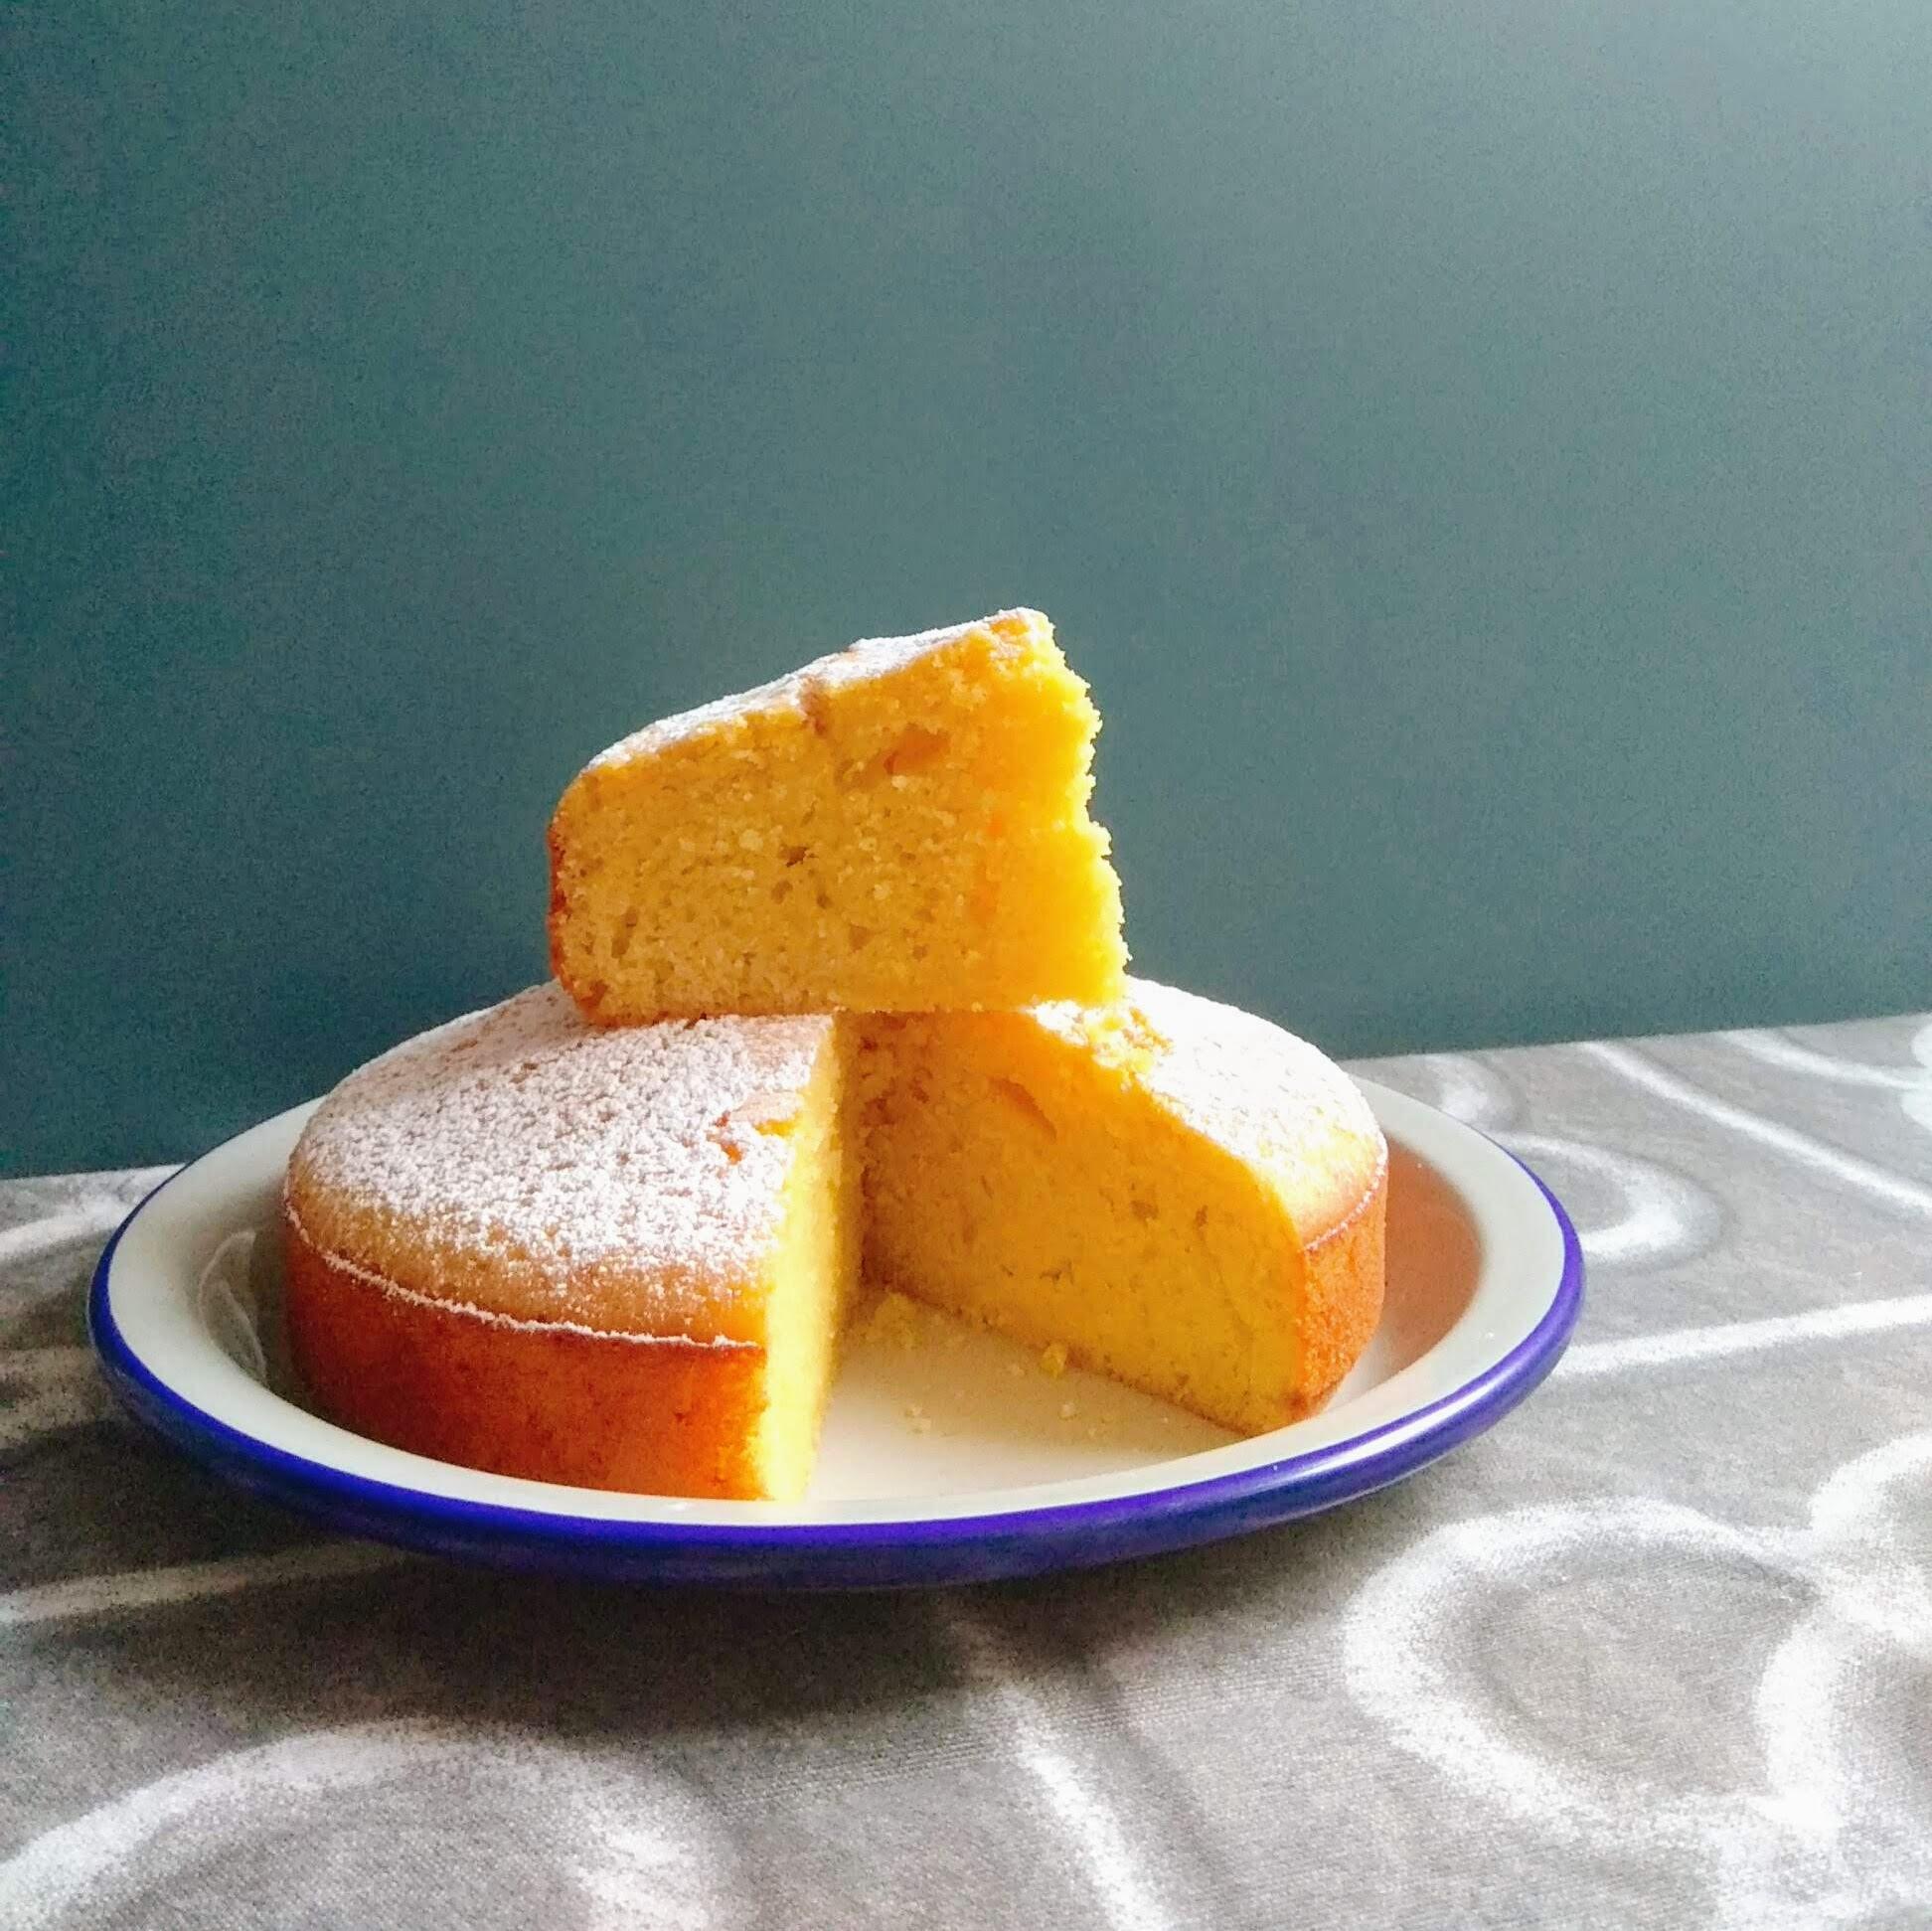 Receta de bizcocho jugoso de naranja. Descúbrela en: www.cocinandoconlola.com